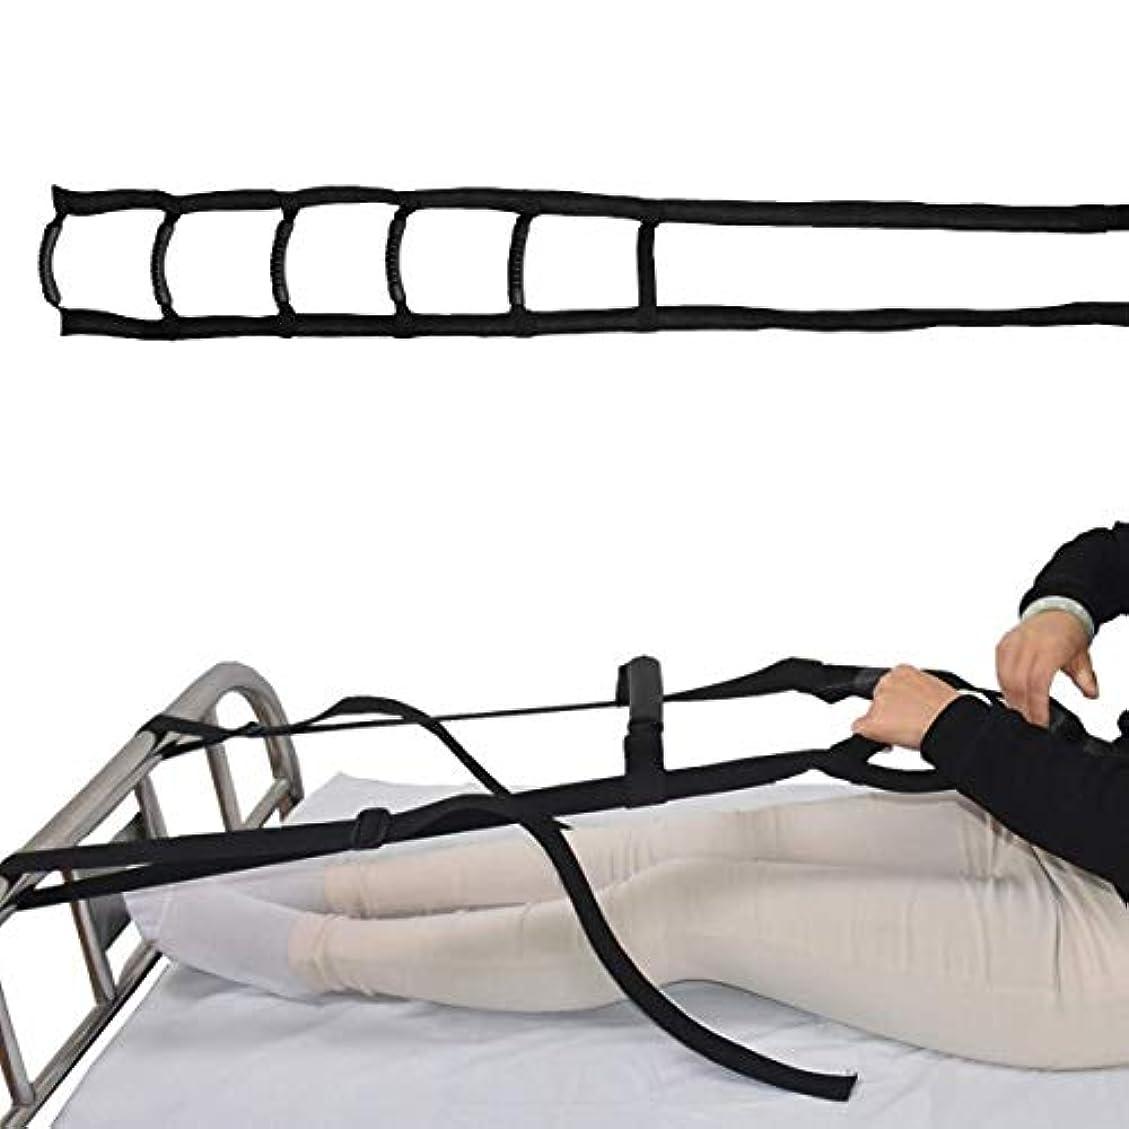 中毒大惨事教育するベッド安全ラダーアシスタントストラップ、ベッドサポートアシストロープのパッド入りシットアップ、高齢者/シニア/ハンディキャップ/負傷回復患者座位ヘルパー